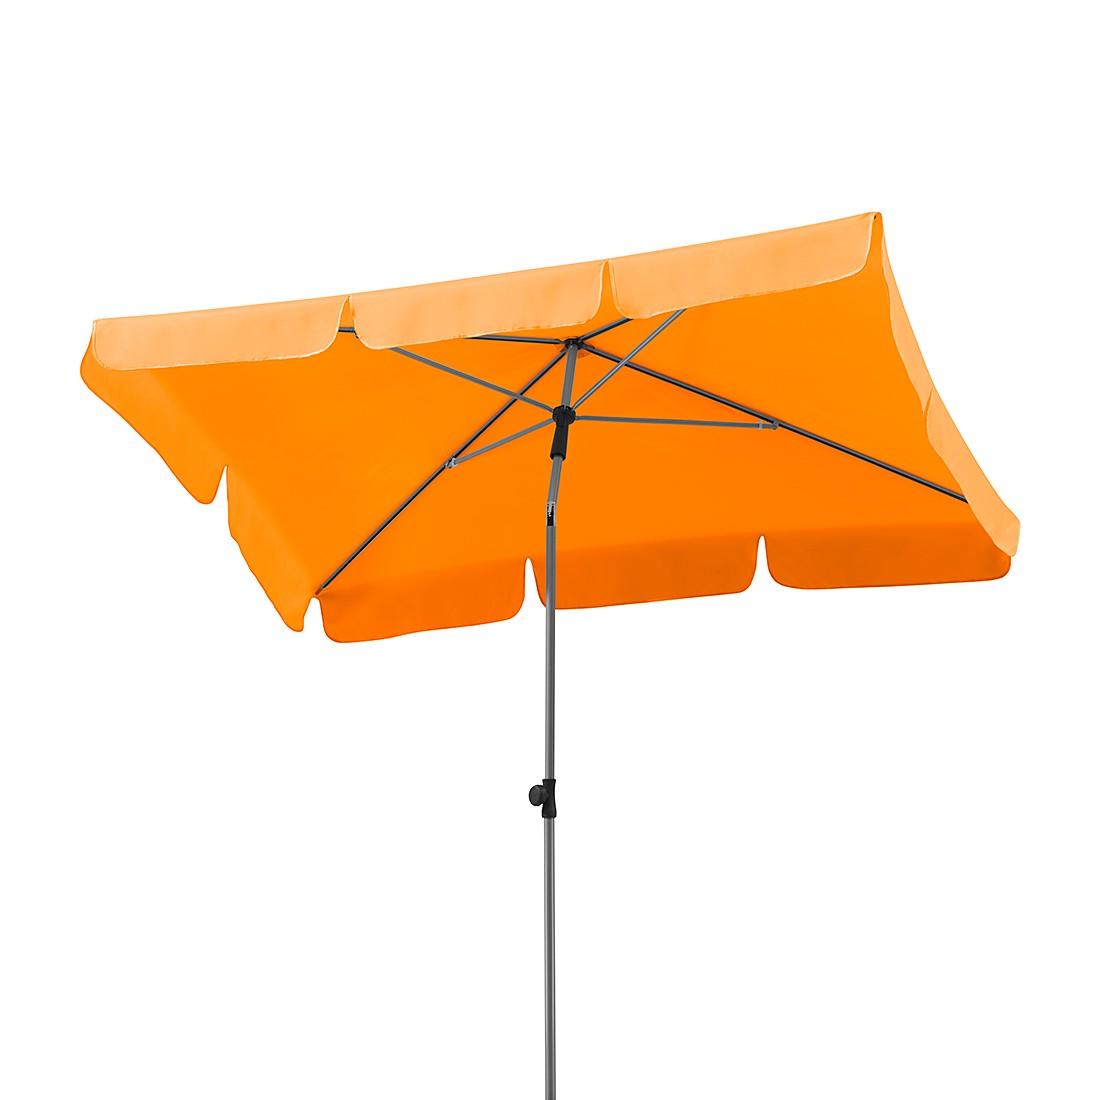 Lugano 180x120 Sonnenschirm - Stahl/Polyester - Silber/Mandarine, Schneider Schirme